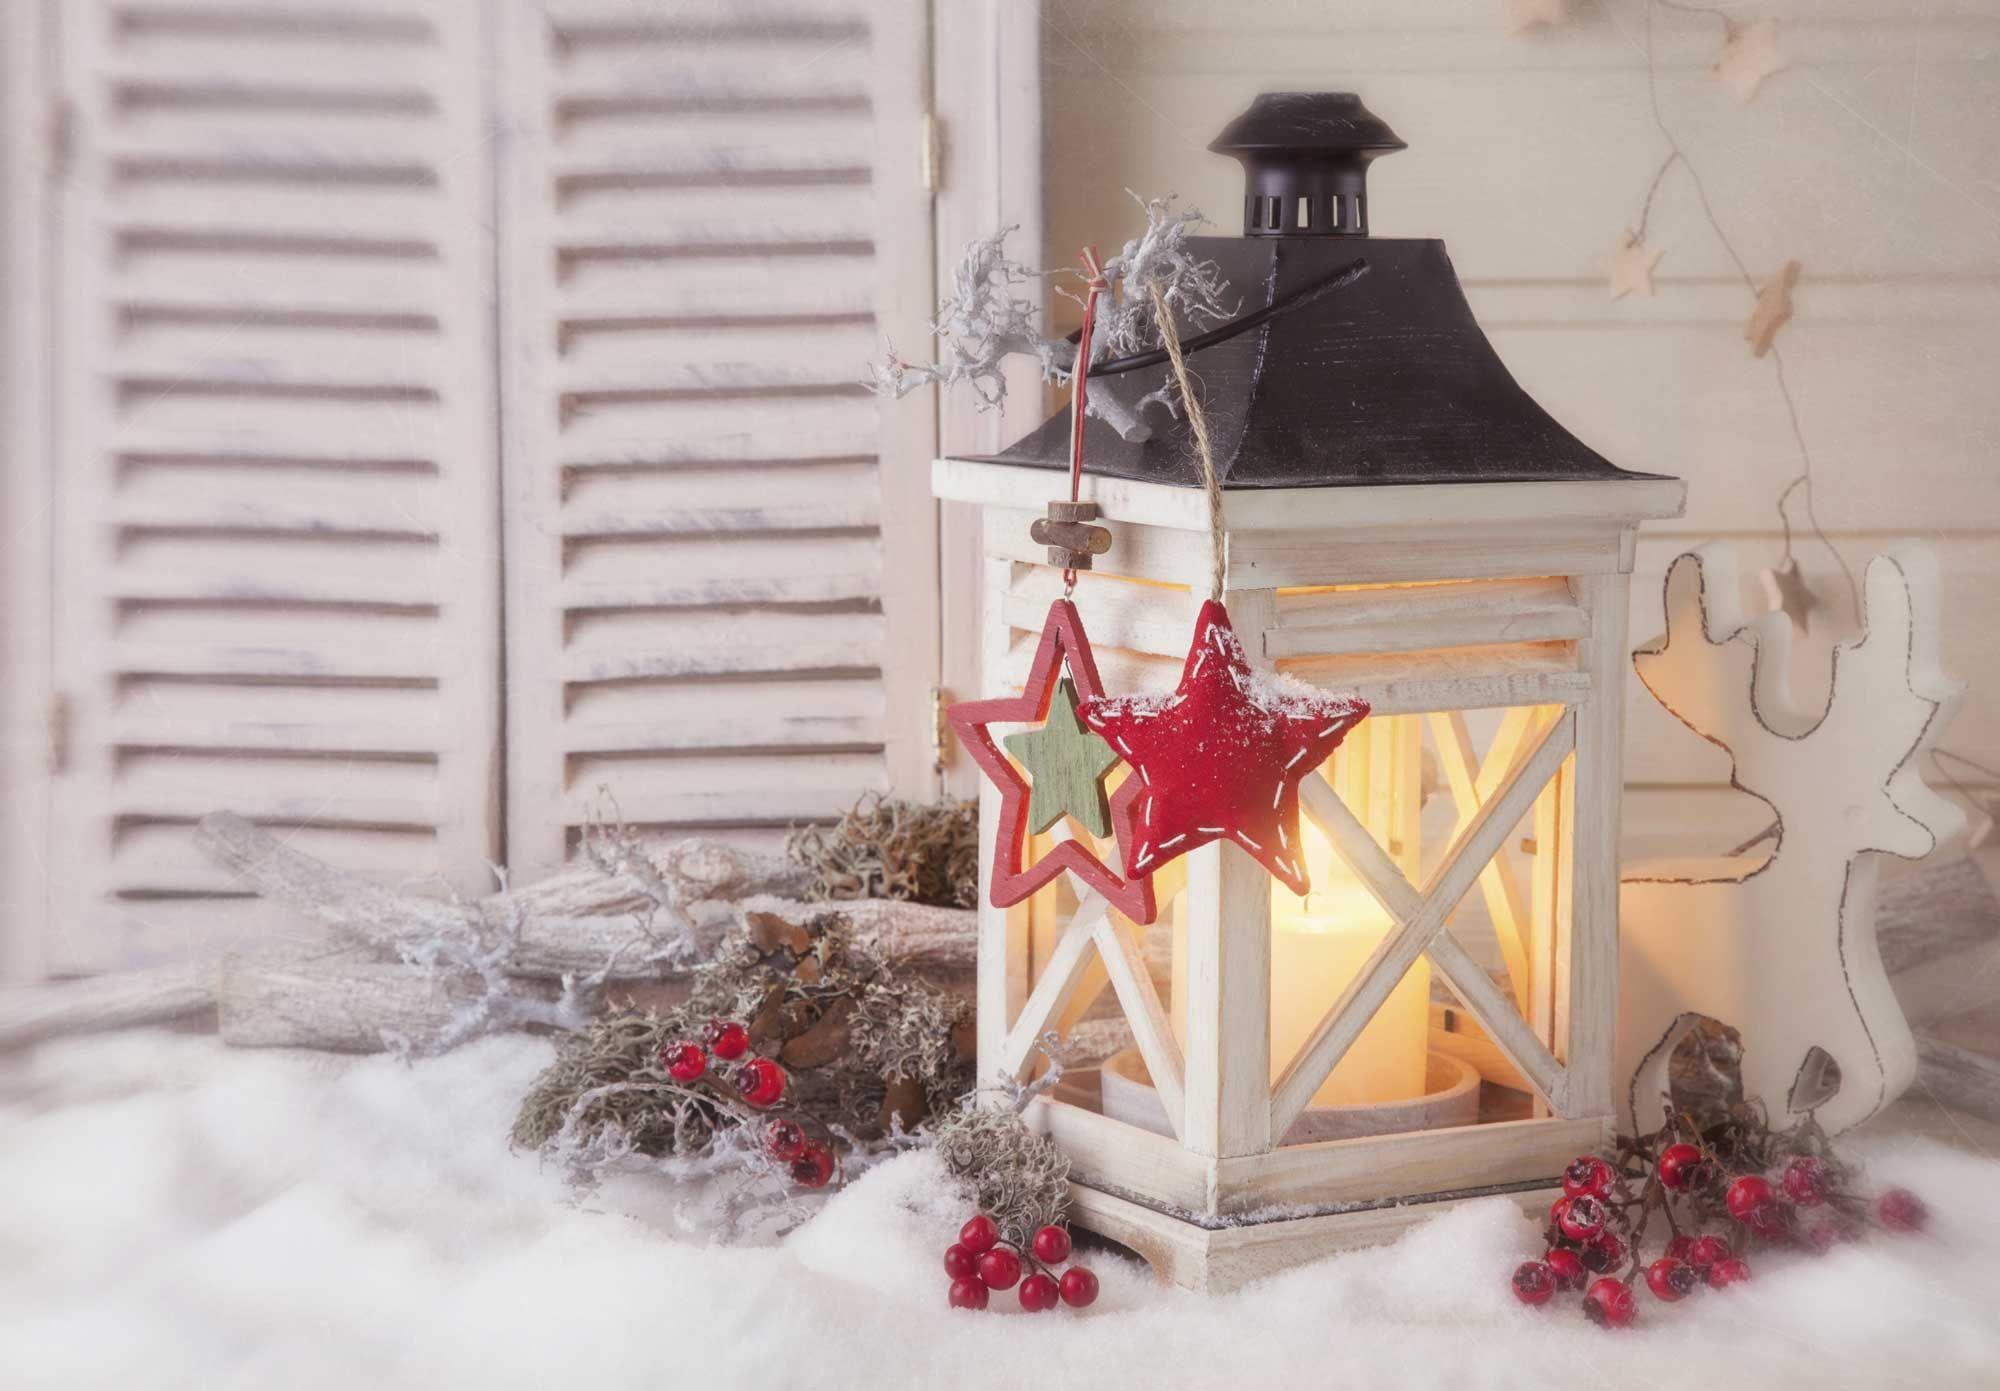 Adornos que no pueden faltar en la decoración navideña